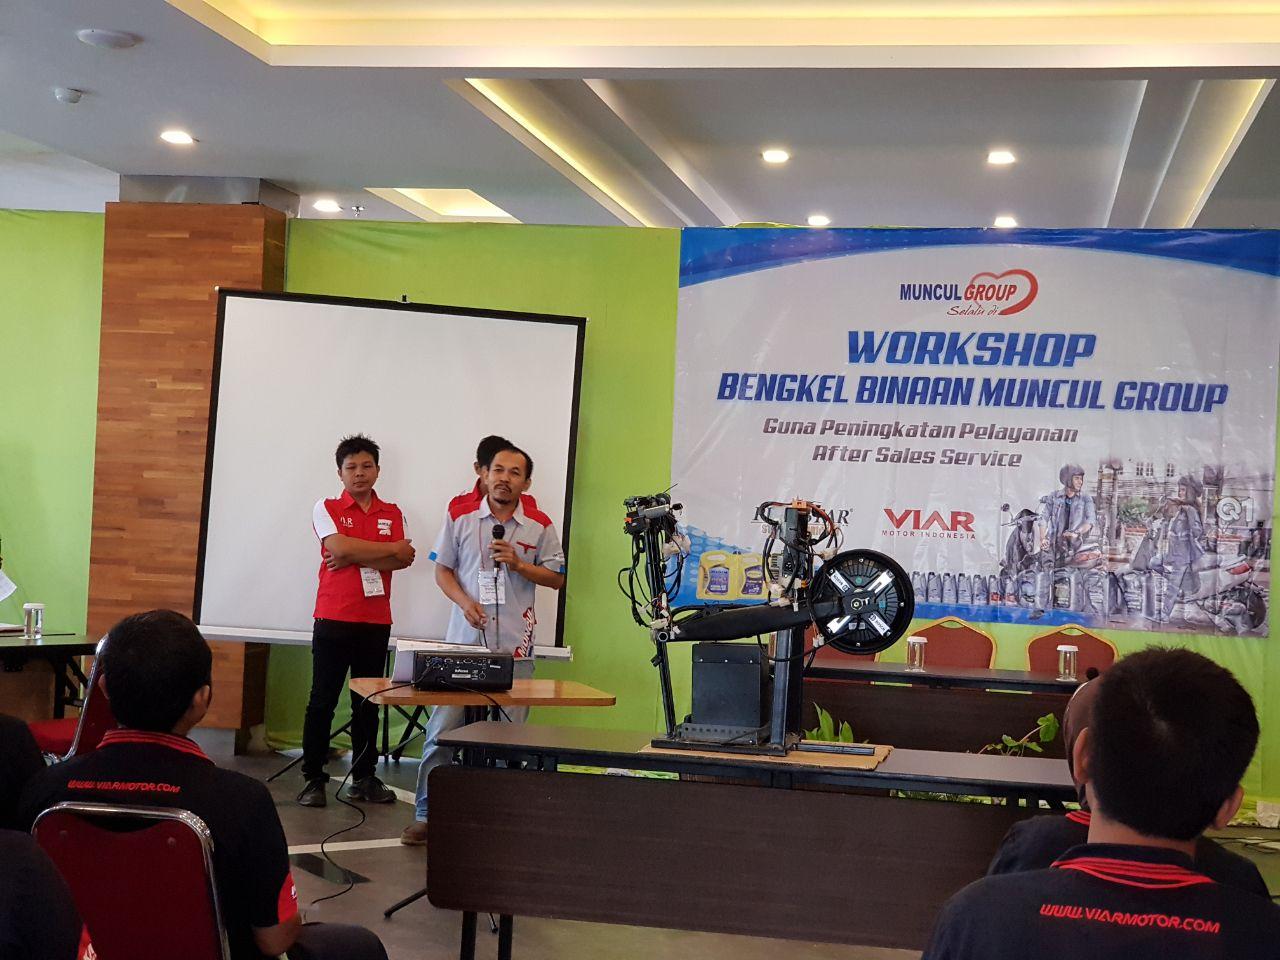 25 Bengkel Binaan Muncul Group Ikuti Workshop di Meotel Kebumen